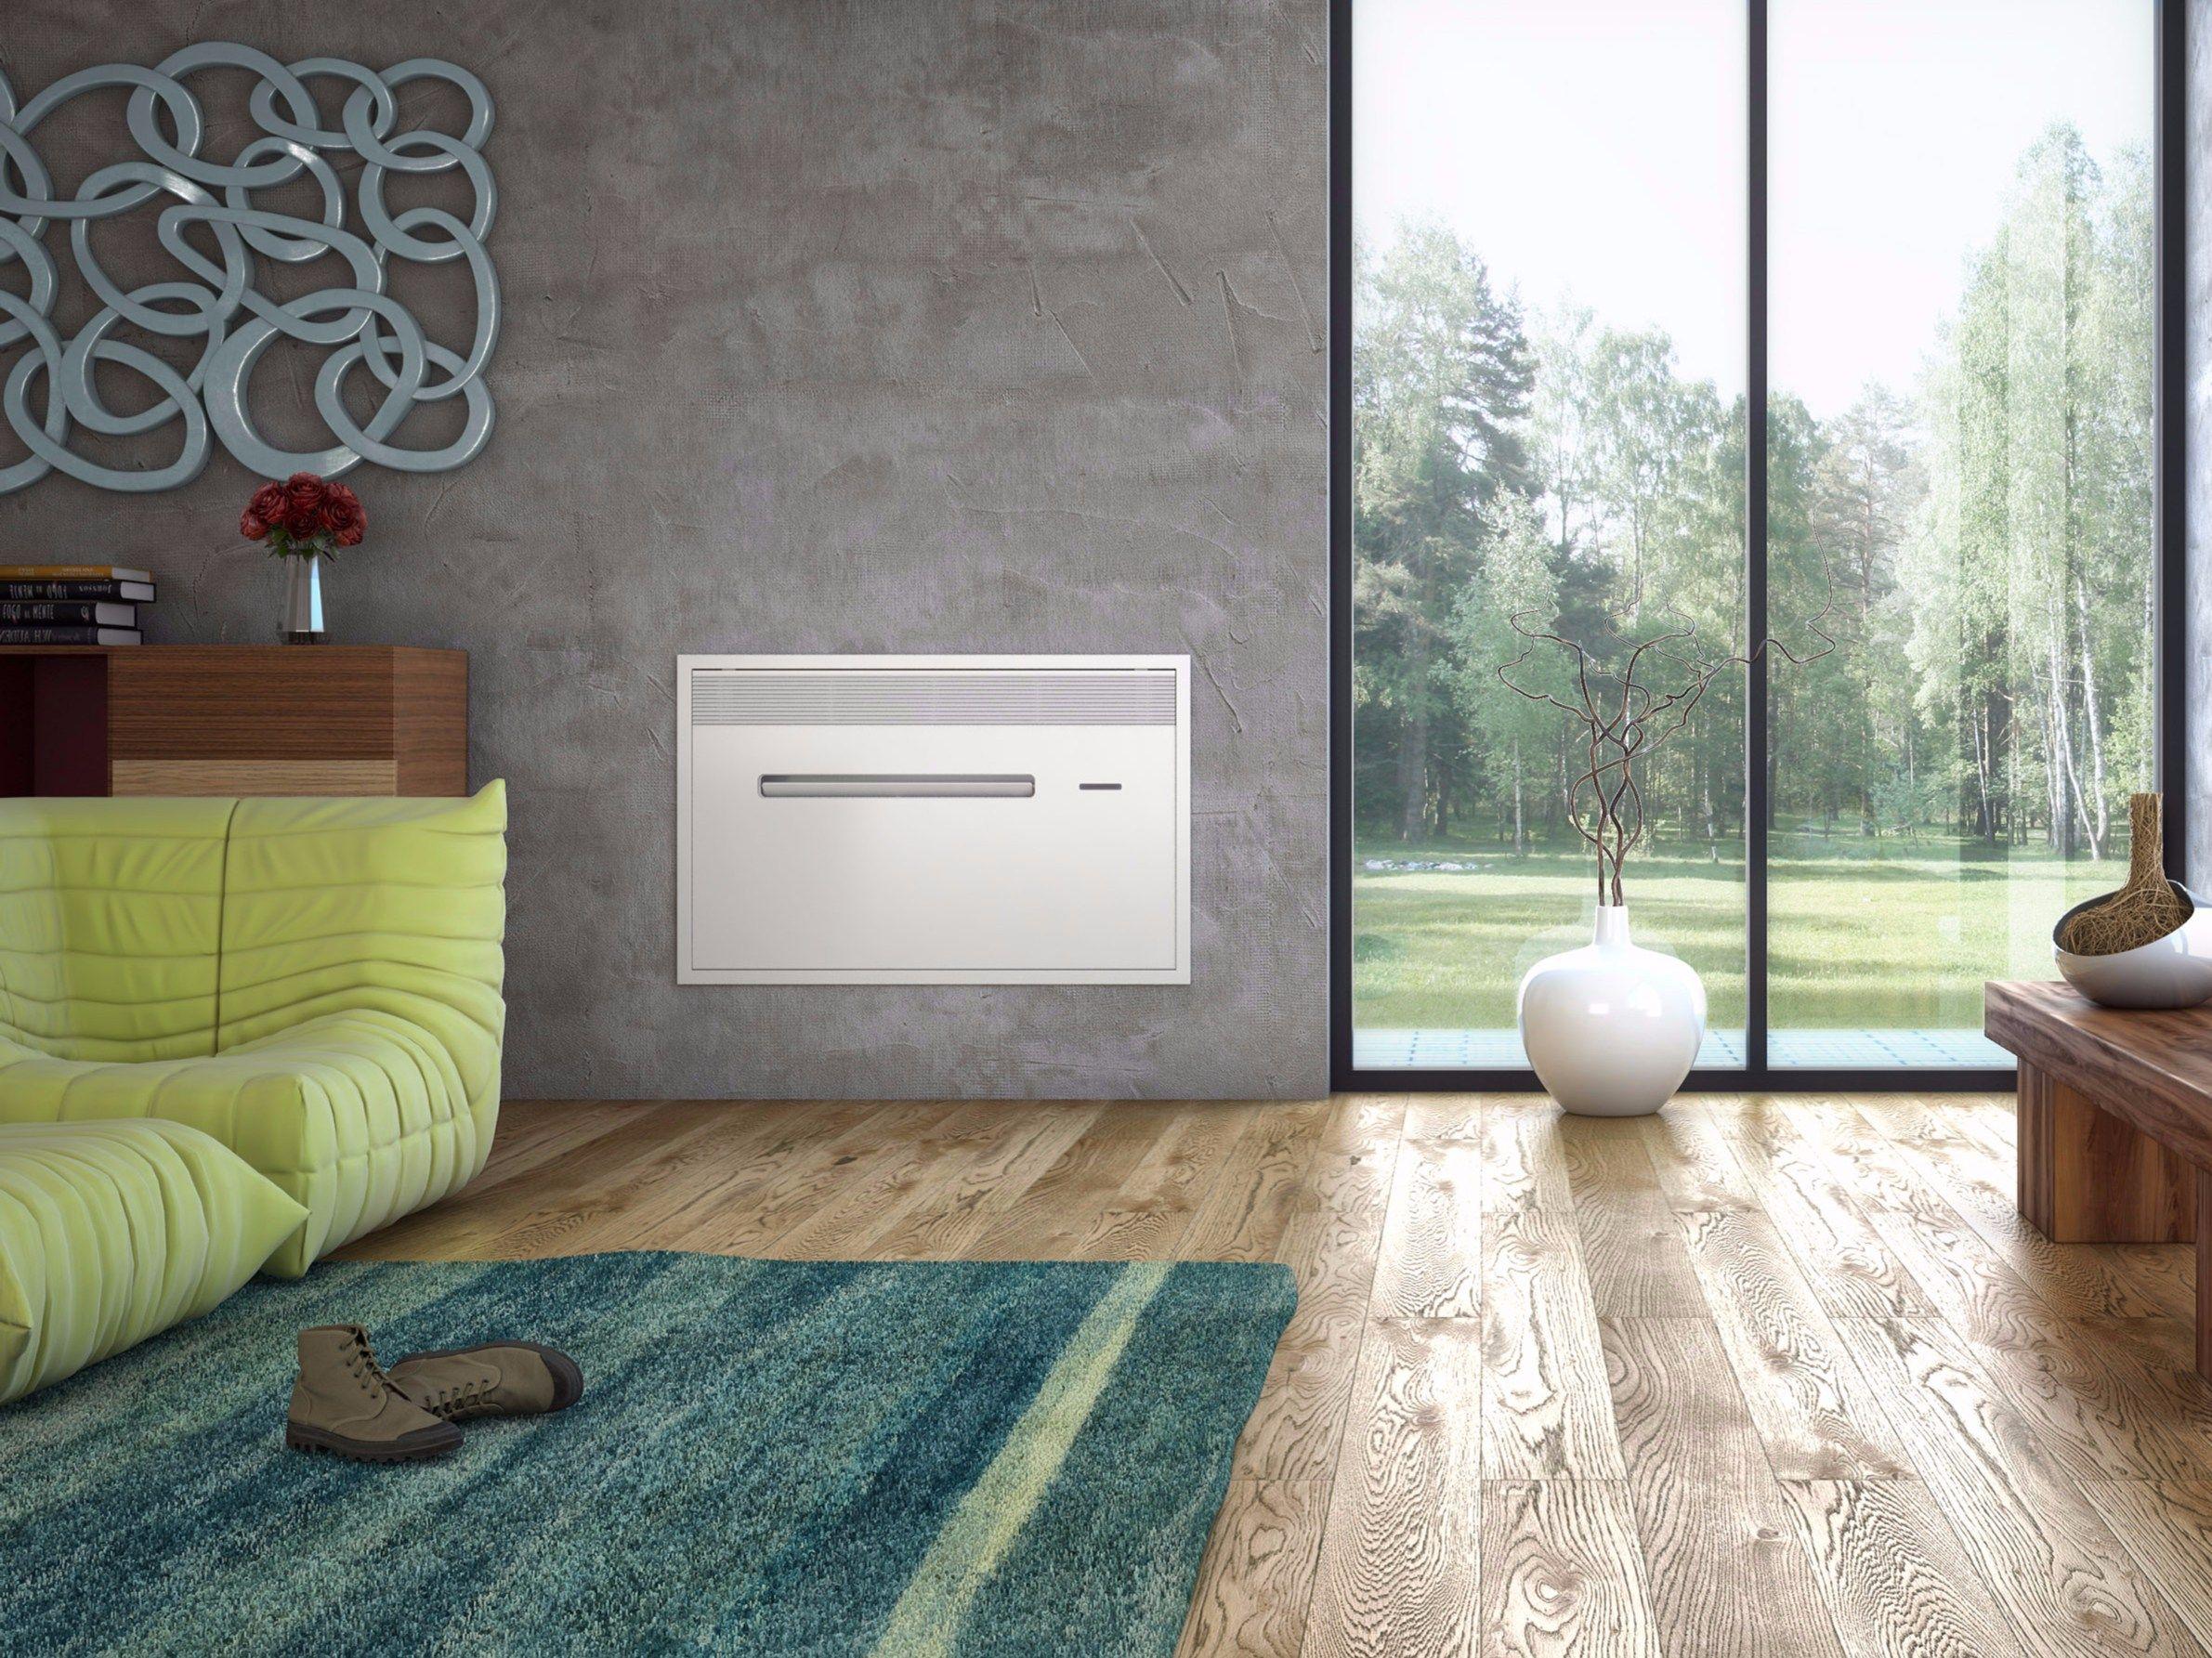 Climatiseur mural sans groupe ext rieur unico air integre for Climatiseur sans tuyau exterieur